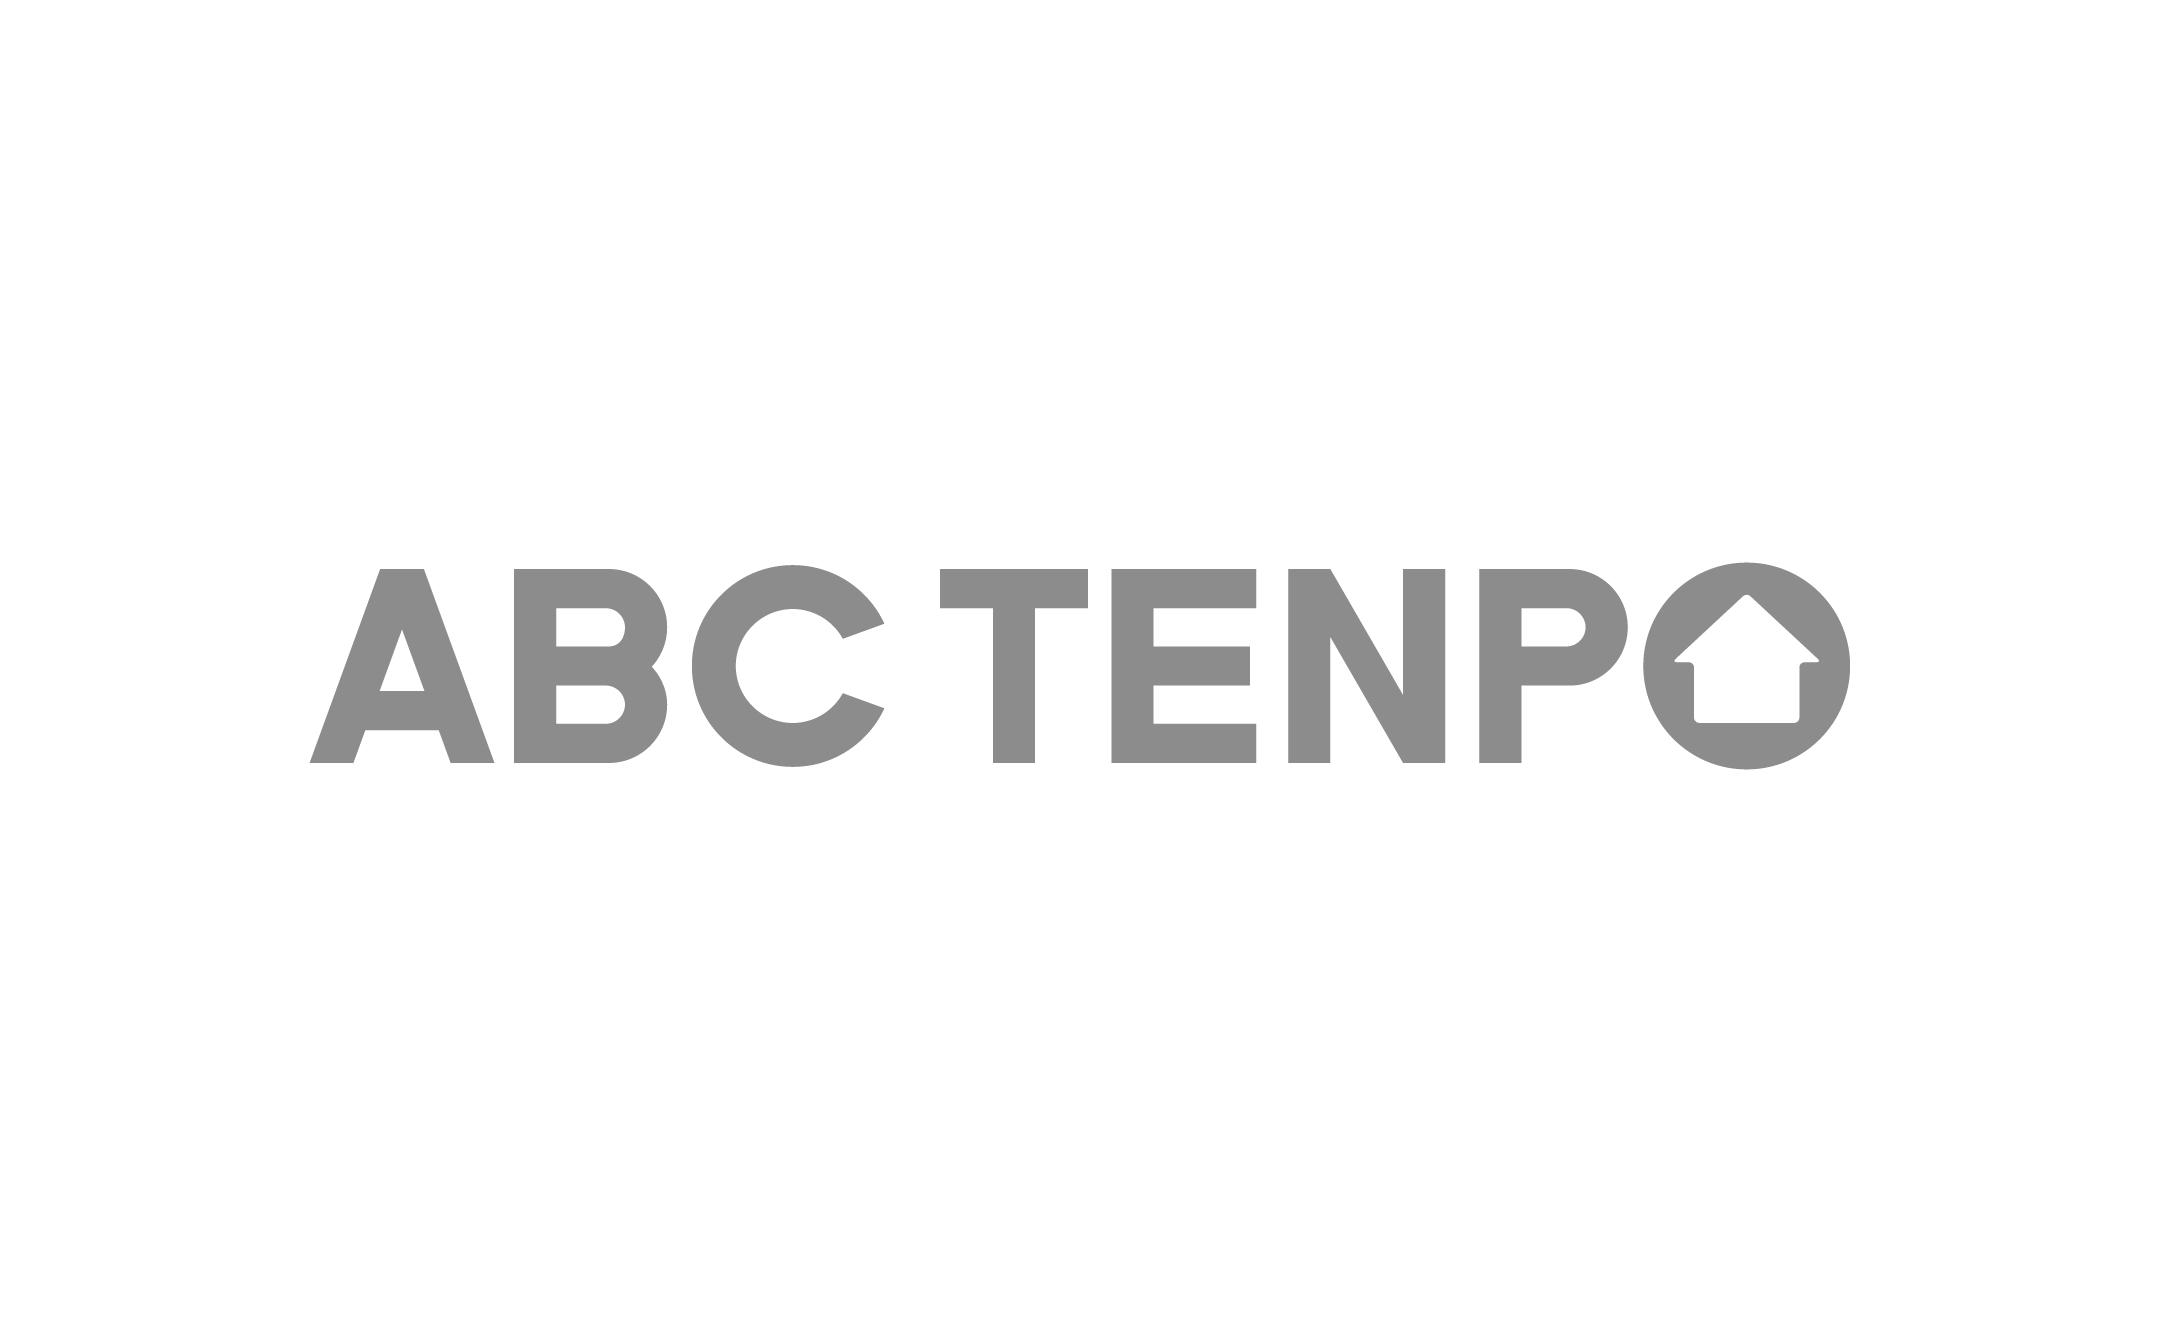 飲食店居抜き専門の不動産 ABC店舗 ロゴ